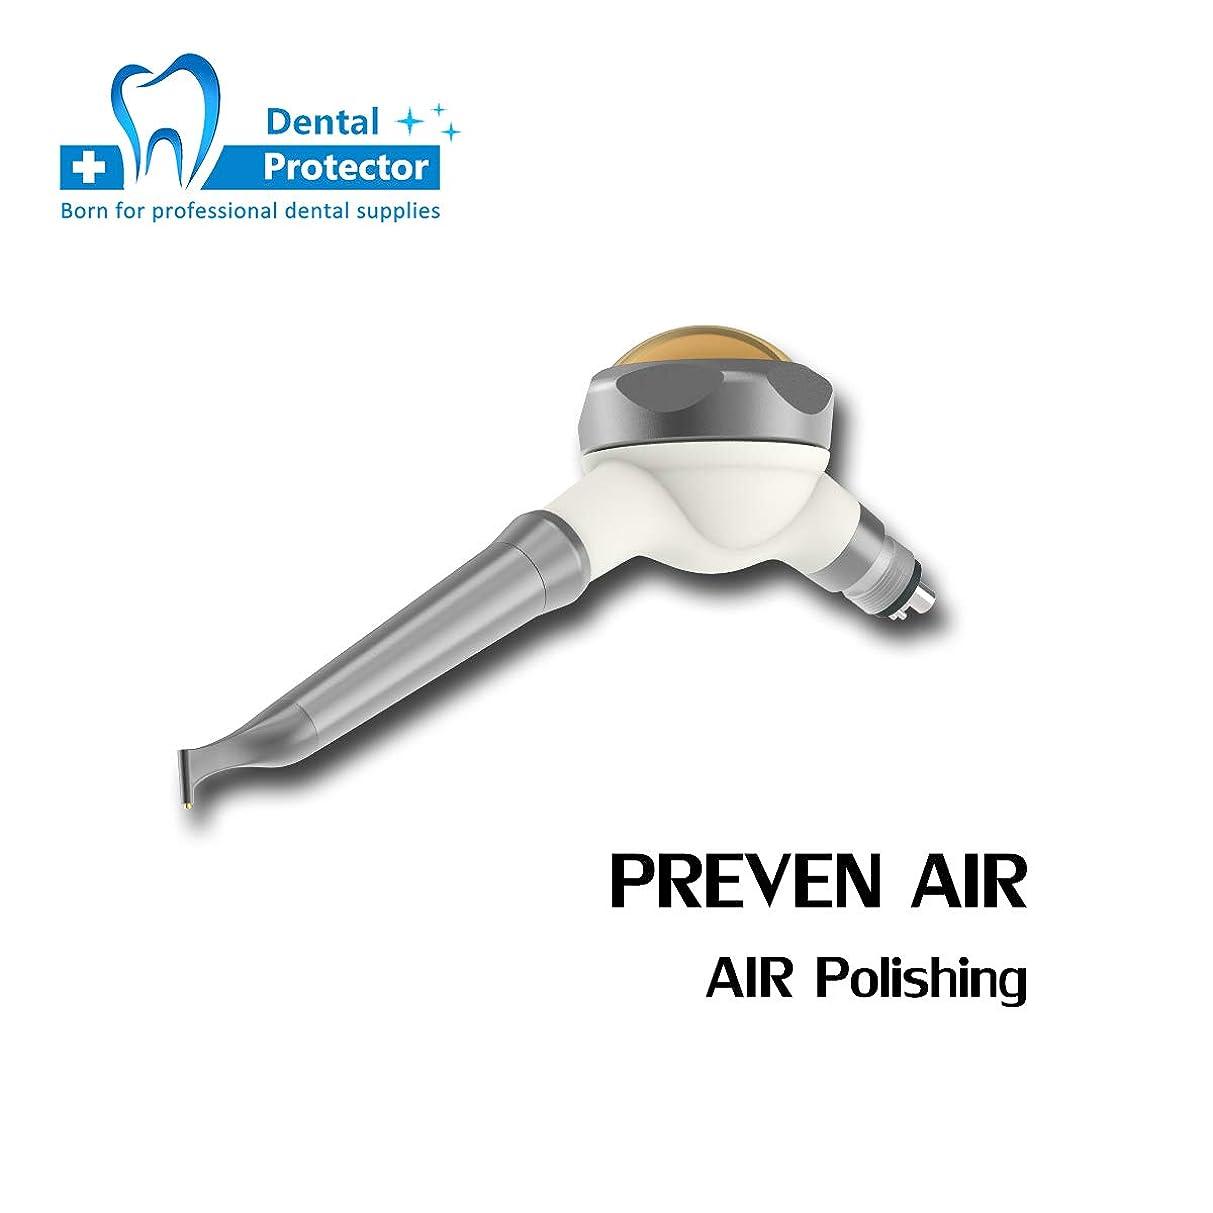 設計いくつかの狼歯科のためのKAVO及びM4と互換性がある3H予防的な気流の歯の磨く機械衛生学Prophy